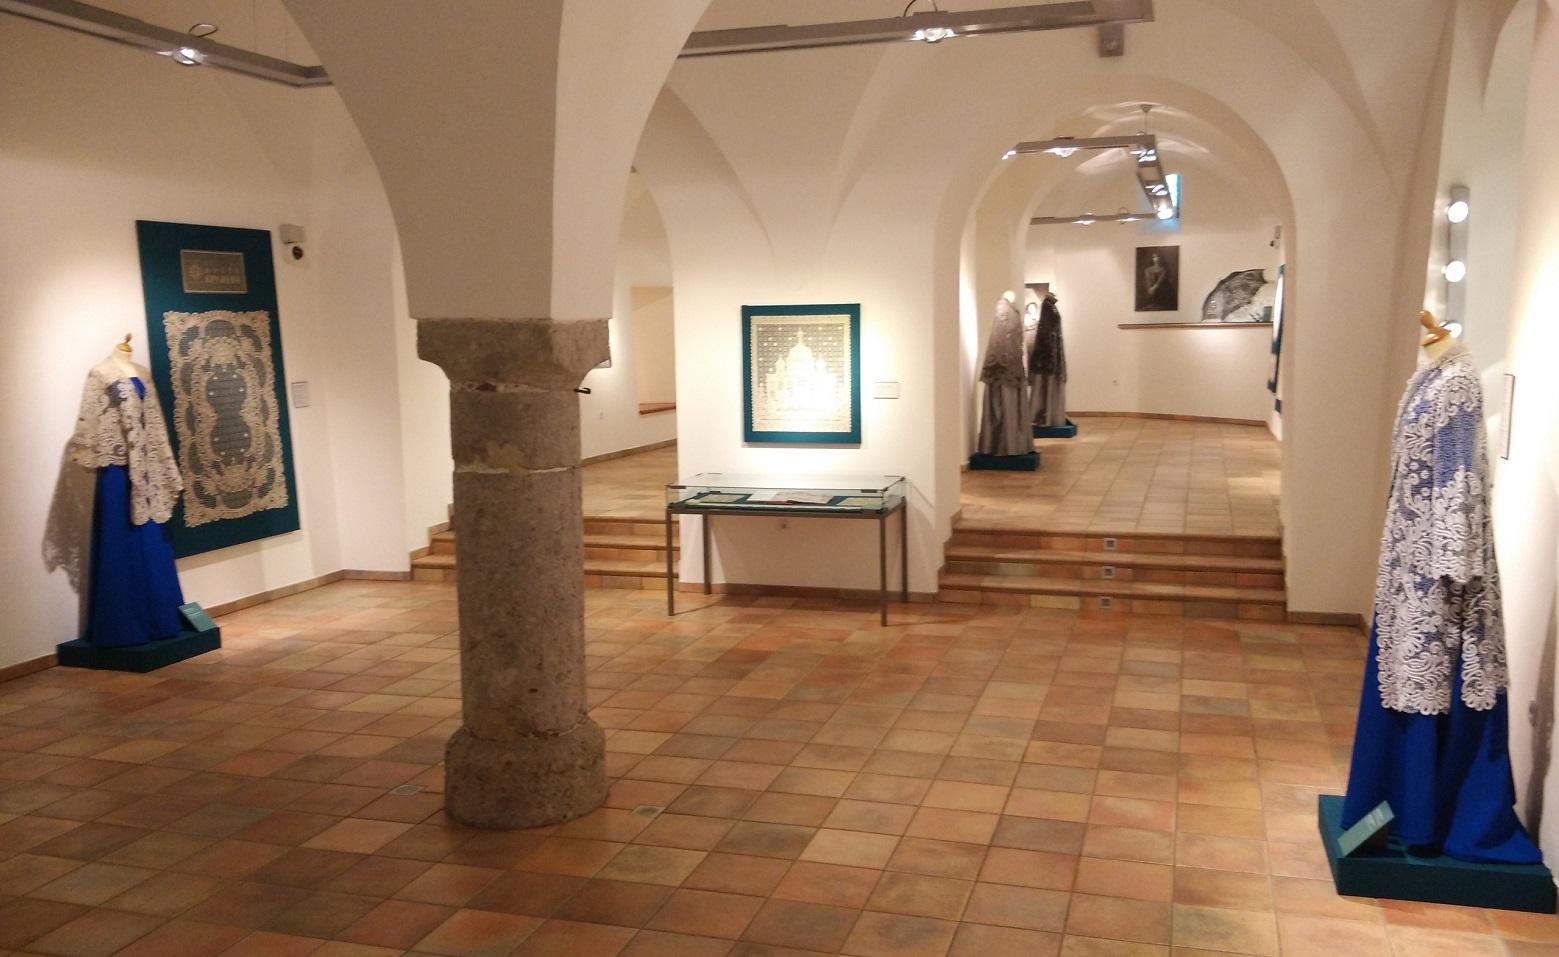 В вологодском Музее кружева пояснили, почему к ним не пускают посетителей с детскими колясками